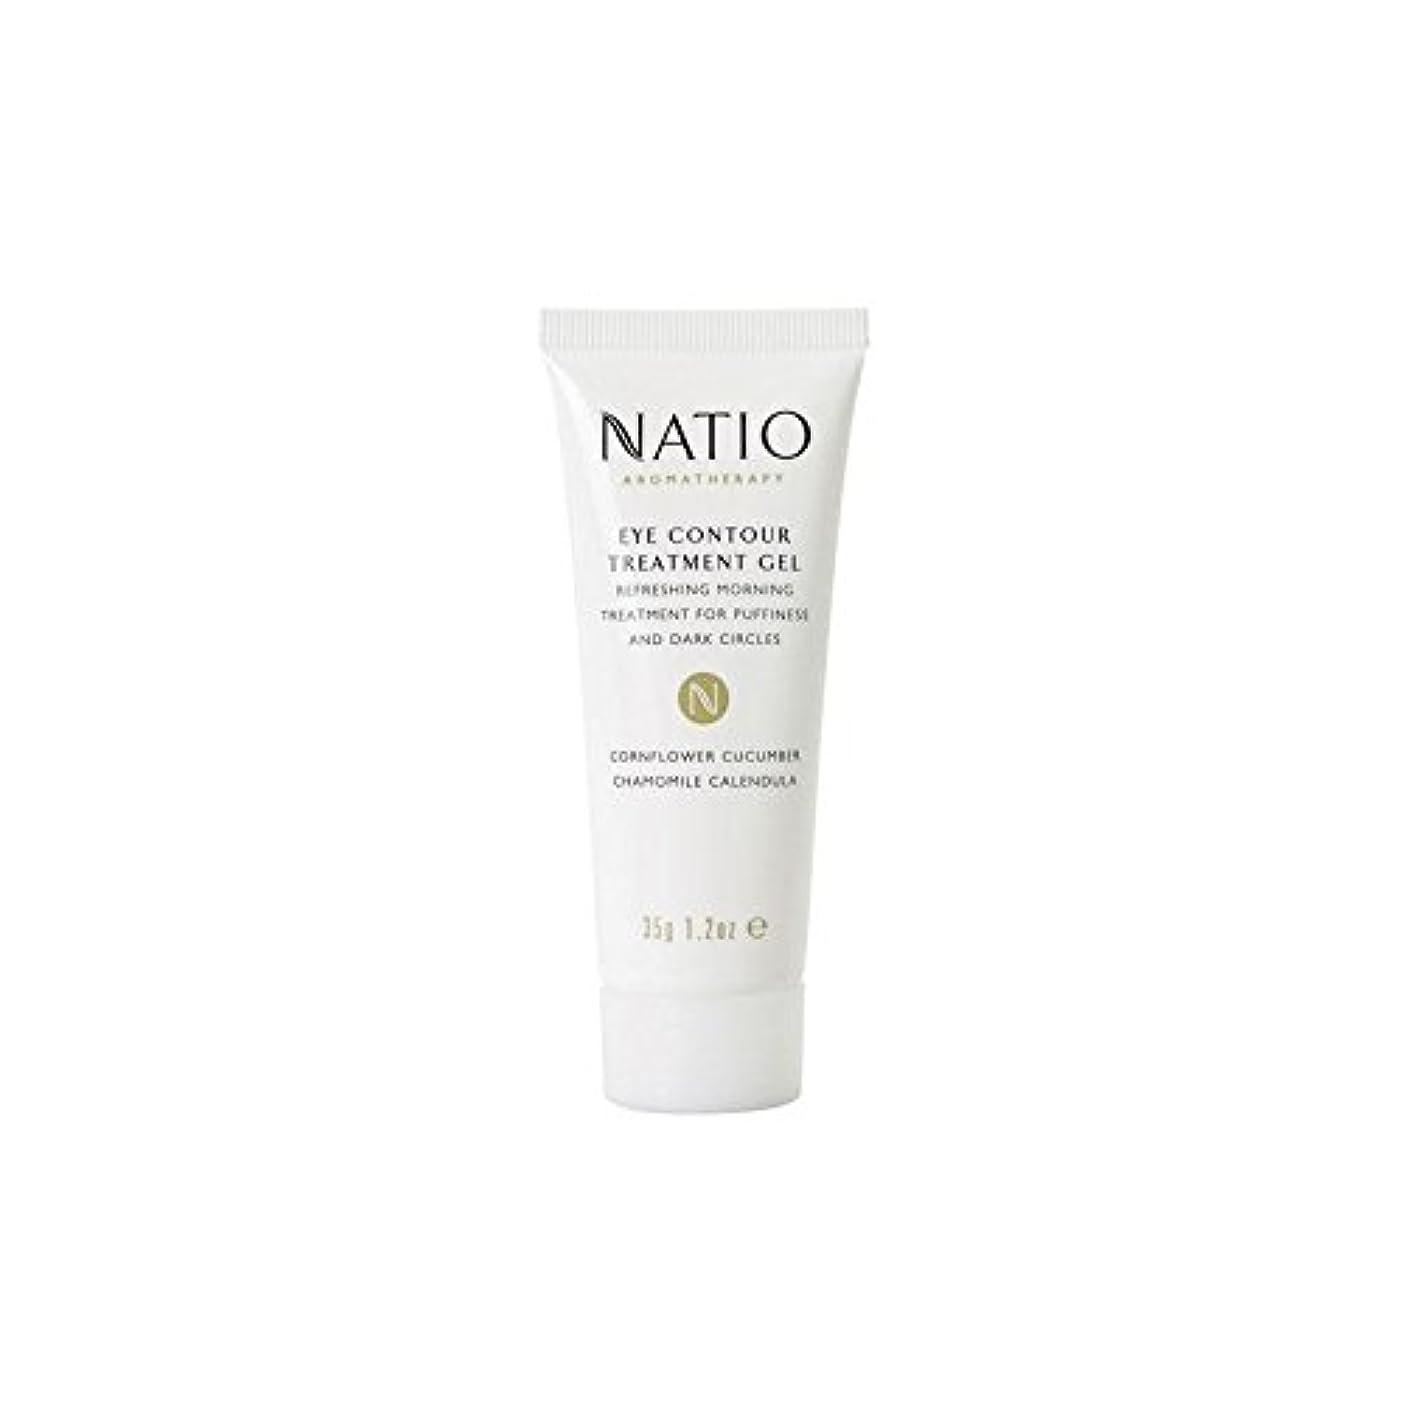 眼輪郭処理ゲル(35グラム) x4 - Natio Eye Contour Treatment Gel (35G) (Pack of 4) [並行輸入品]